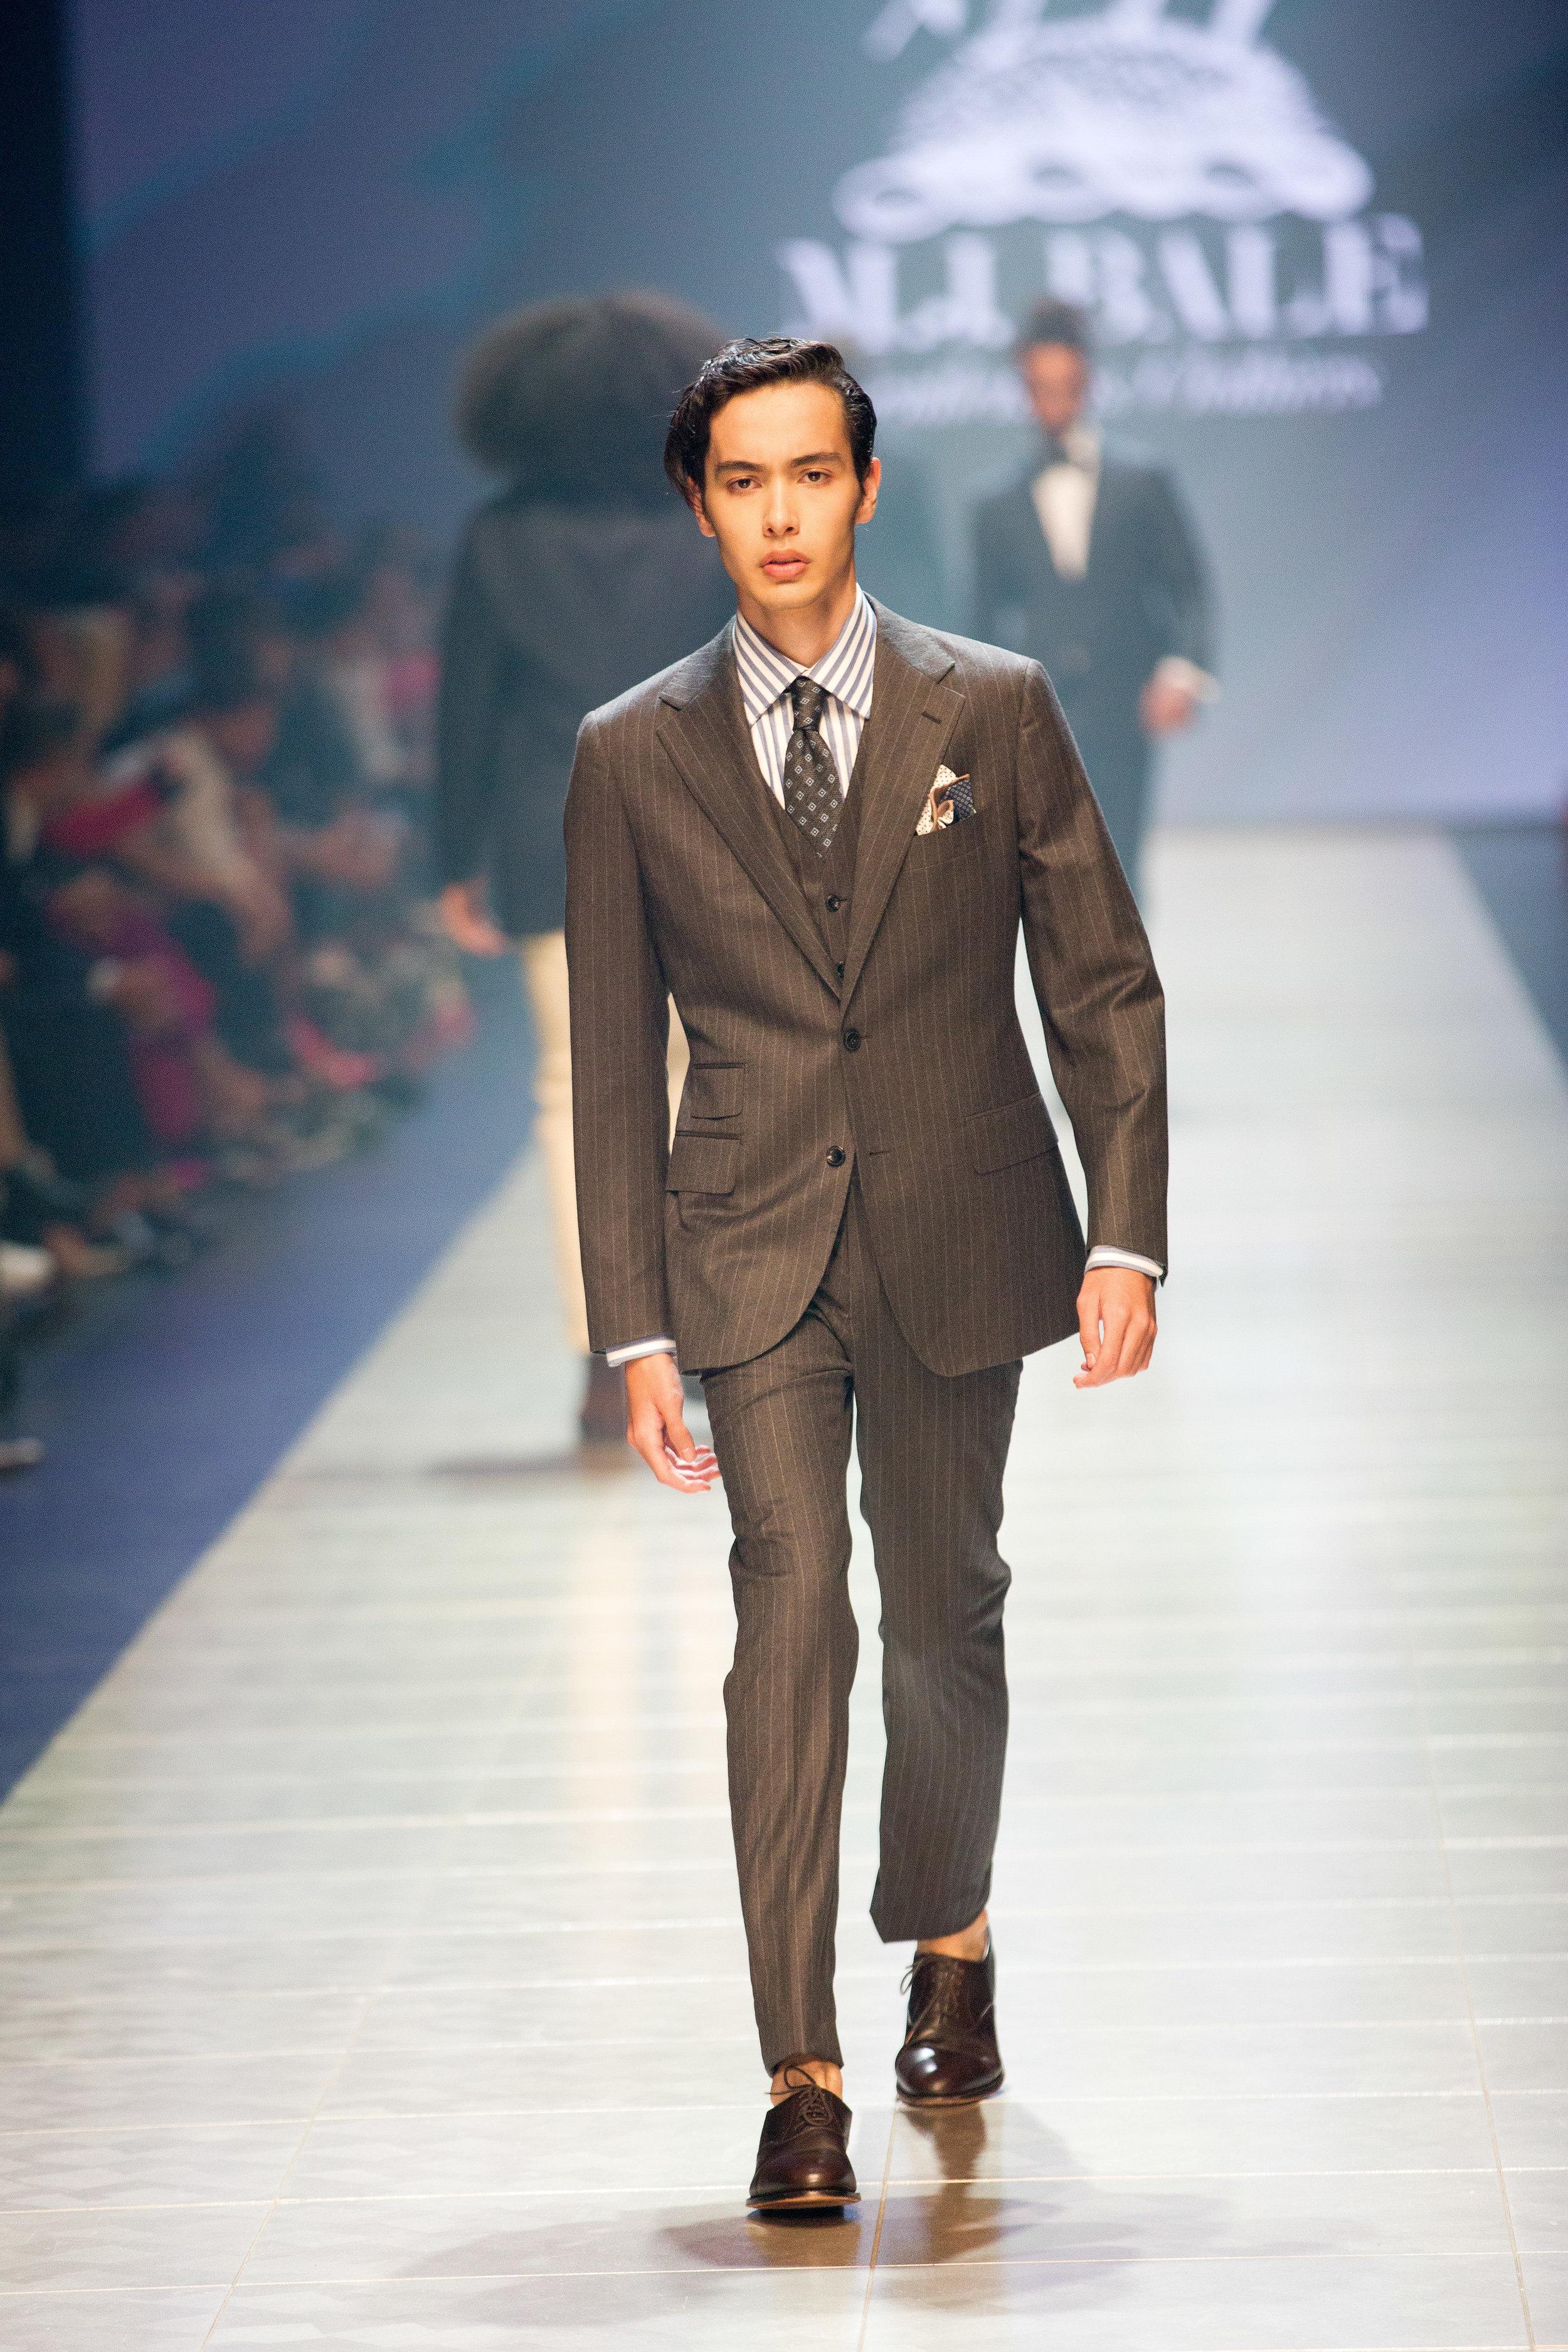 VAMFF2019_GQ Menswear-345.jpg